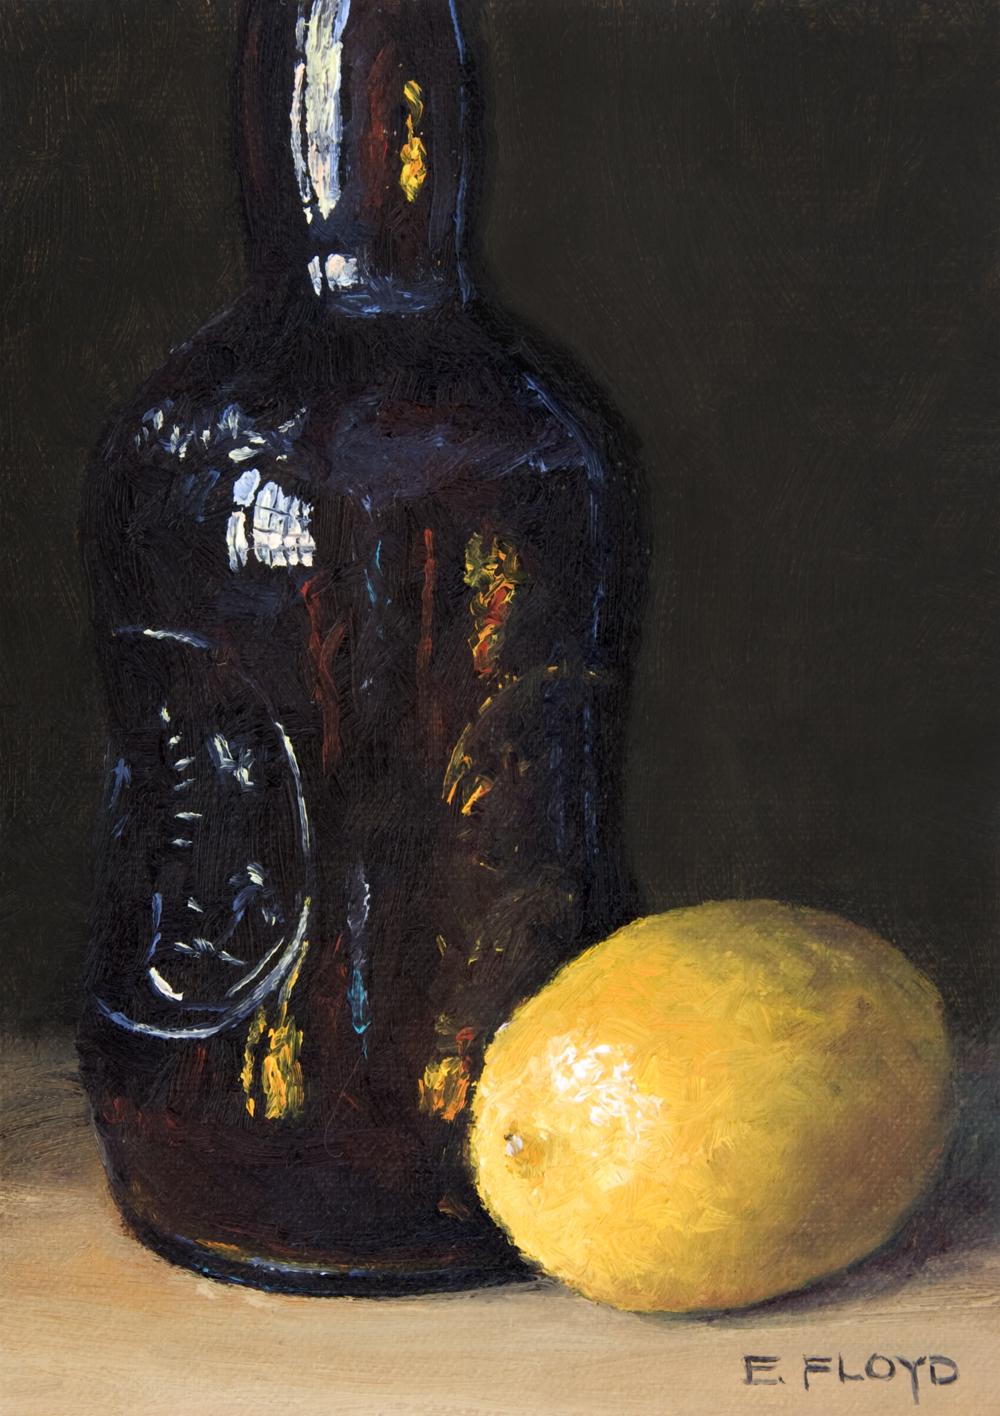 20140107-005-brown-bottle-and-lemon.jpg